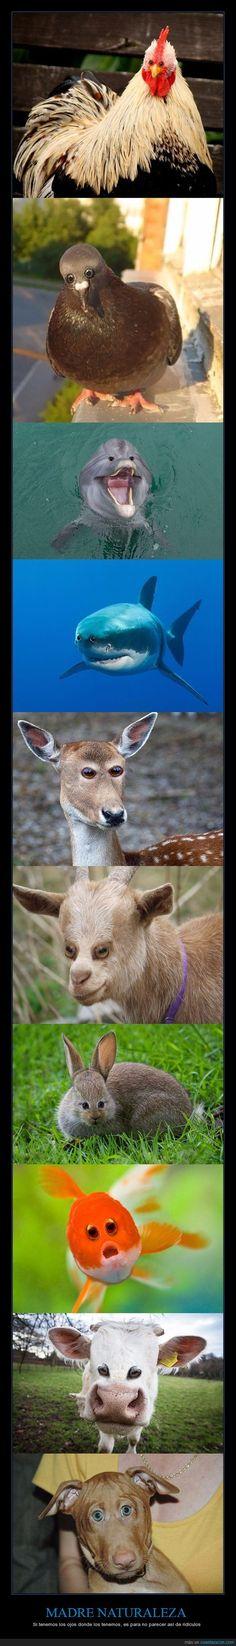 Cómo serían estos 10 animales si tuvieran los dos ojos juntos delante - Si tenemos los ojos donde los tenemos, es para no parecer así de ridículos   Gracias a http://www.cuantarazon.com/   Si quieres leer la noticia completa visita: http://www.estoy-aburrido.com/como-serian-estos-10-animales-si-tuvieran-los-dos-ojos-juntos-delante-si-tenemos-los-ojos-donde-los-tenemos-es-para-no-parecer-asi-de-ridiculos/